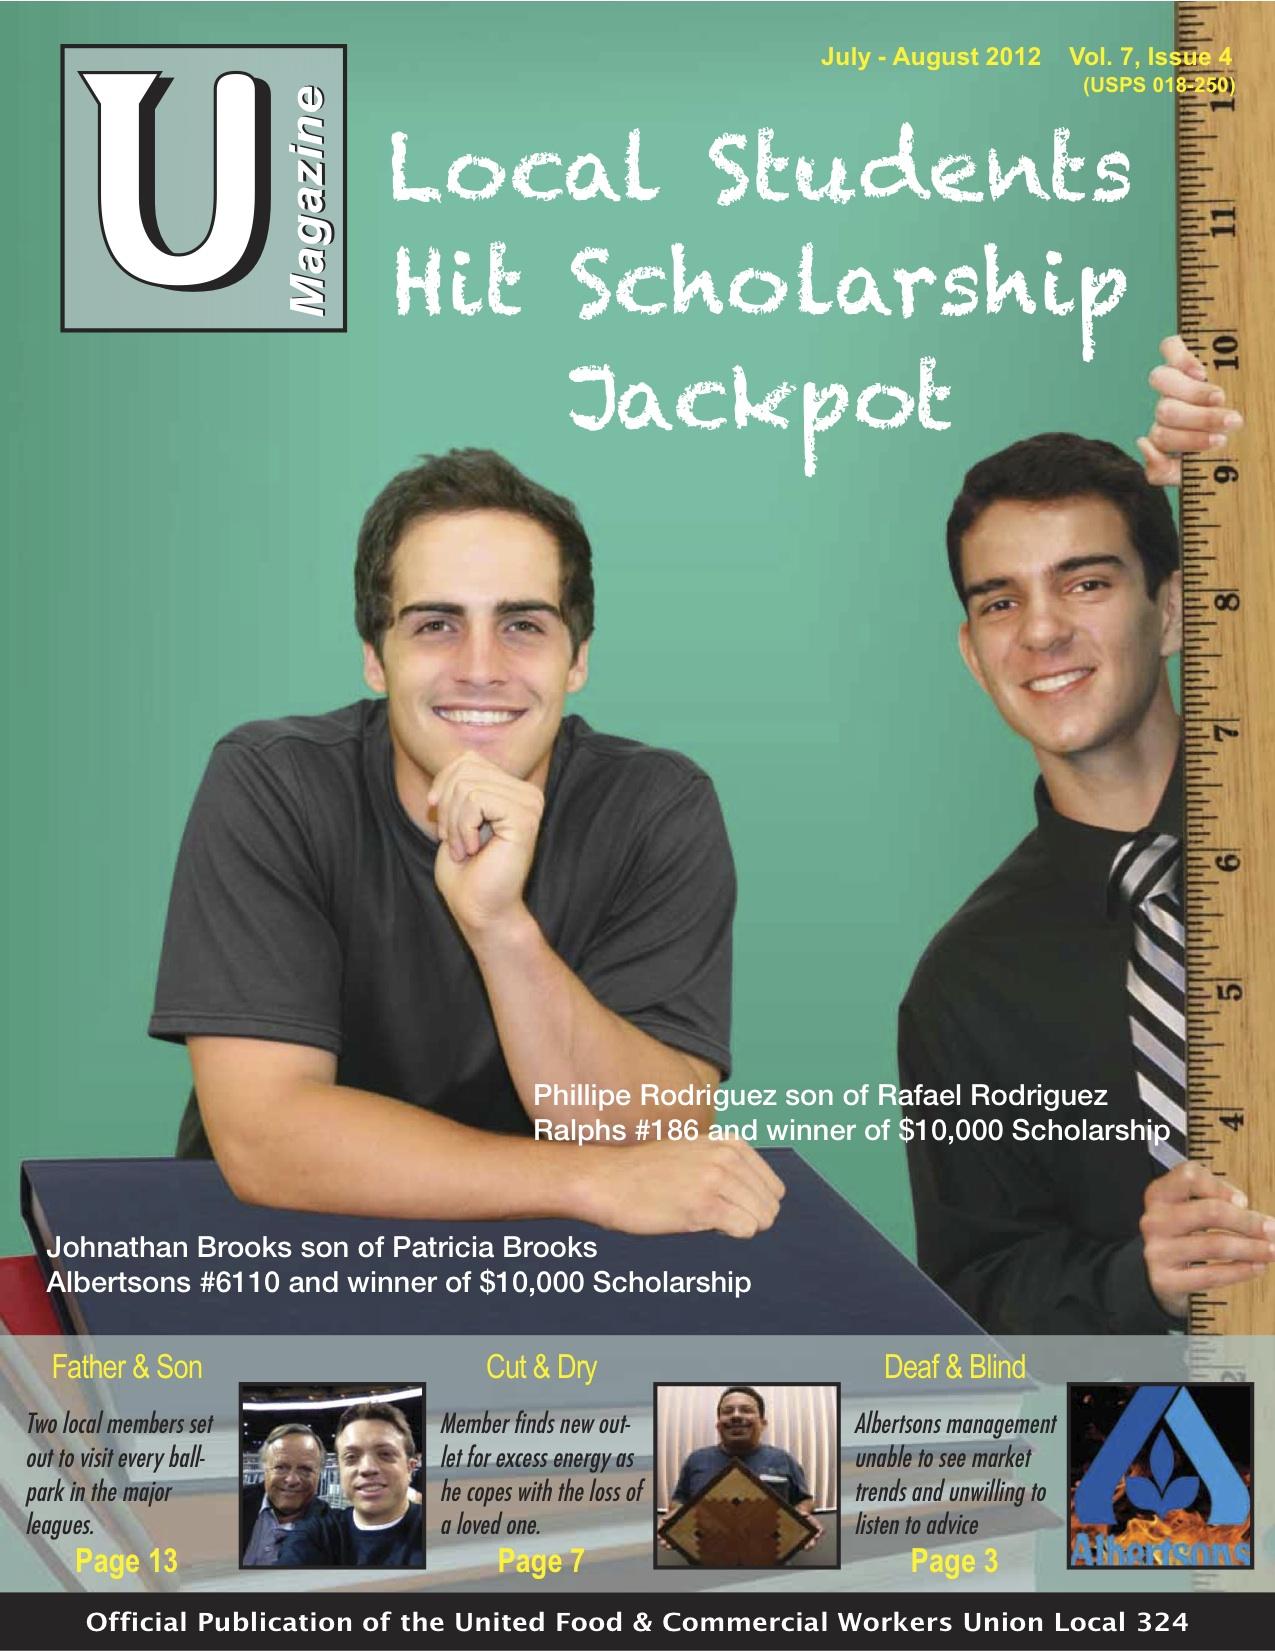 UMagazine July-August 2012